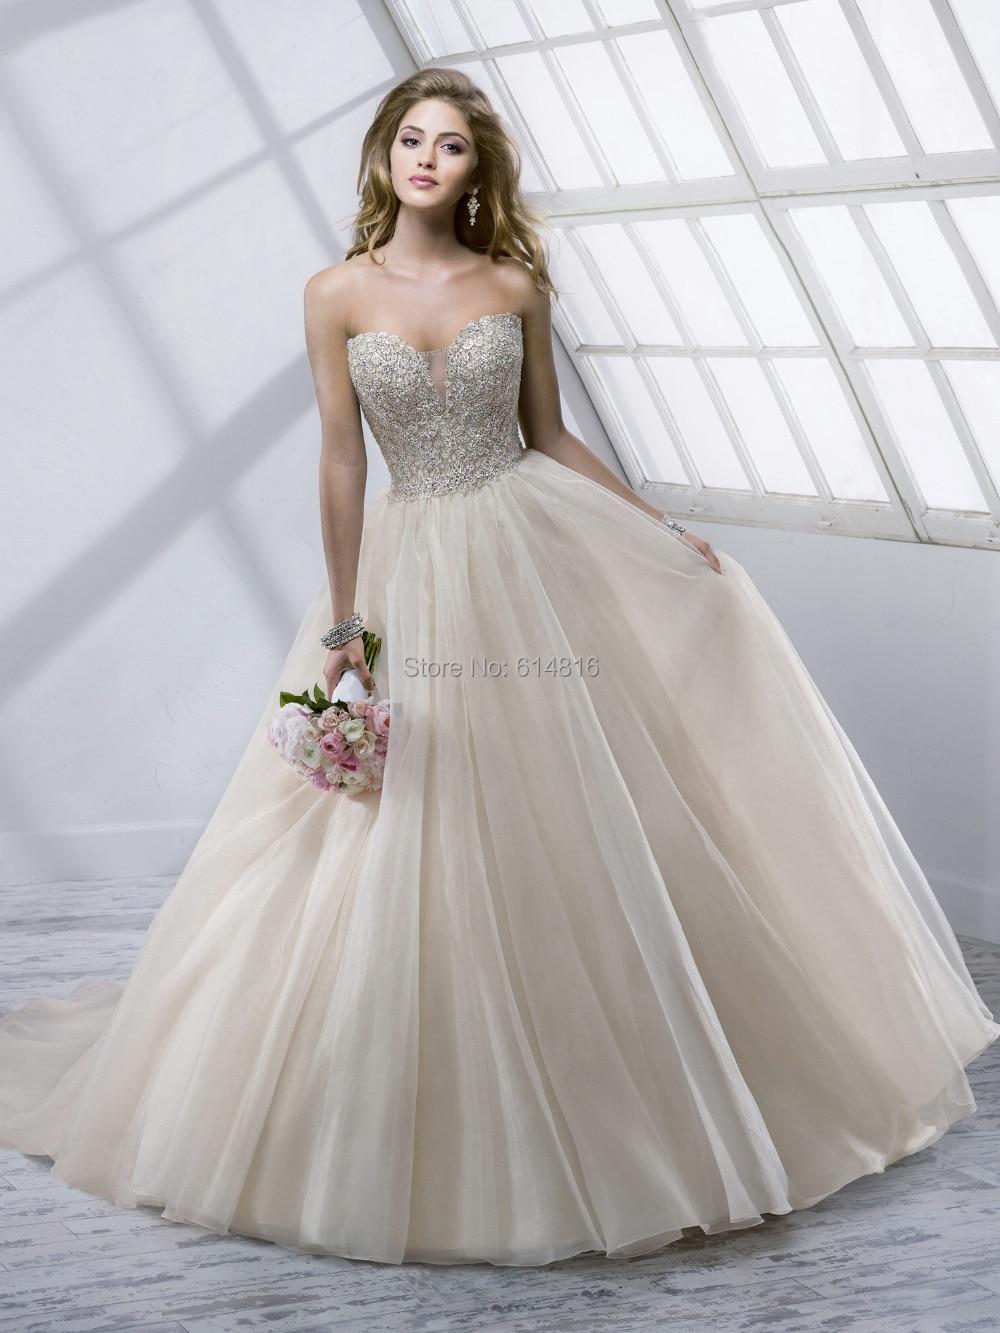 list detail beige wedding dress beige wedding dresses Vintage Wedding Dress Beige Wedding Gowns Applique Organza Bride